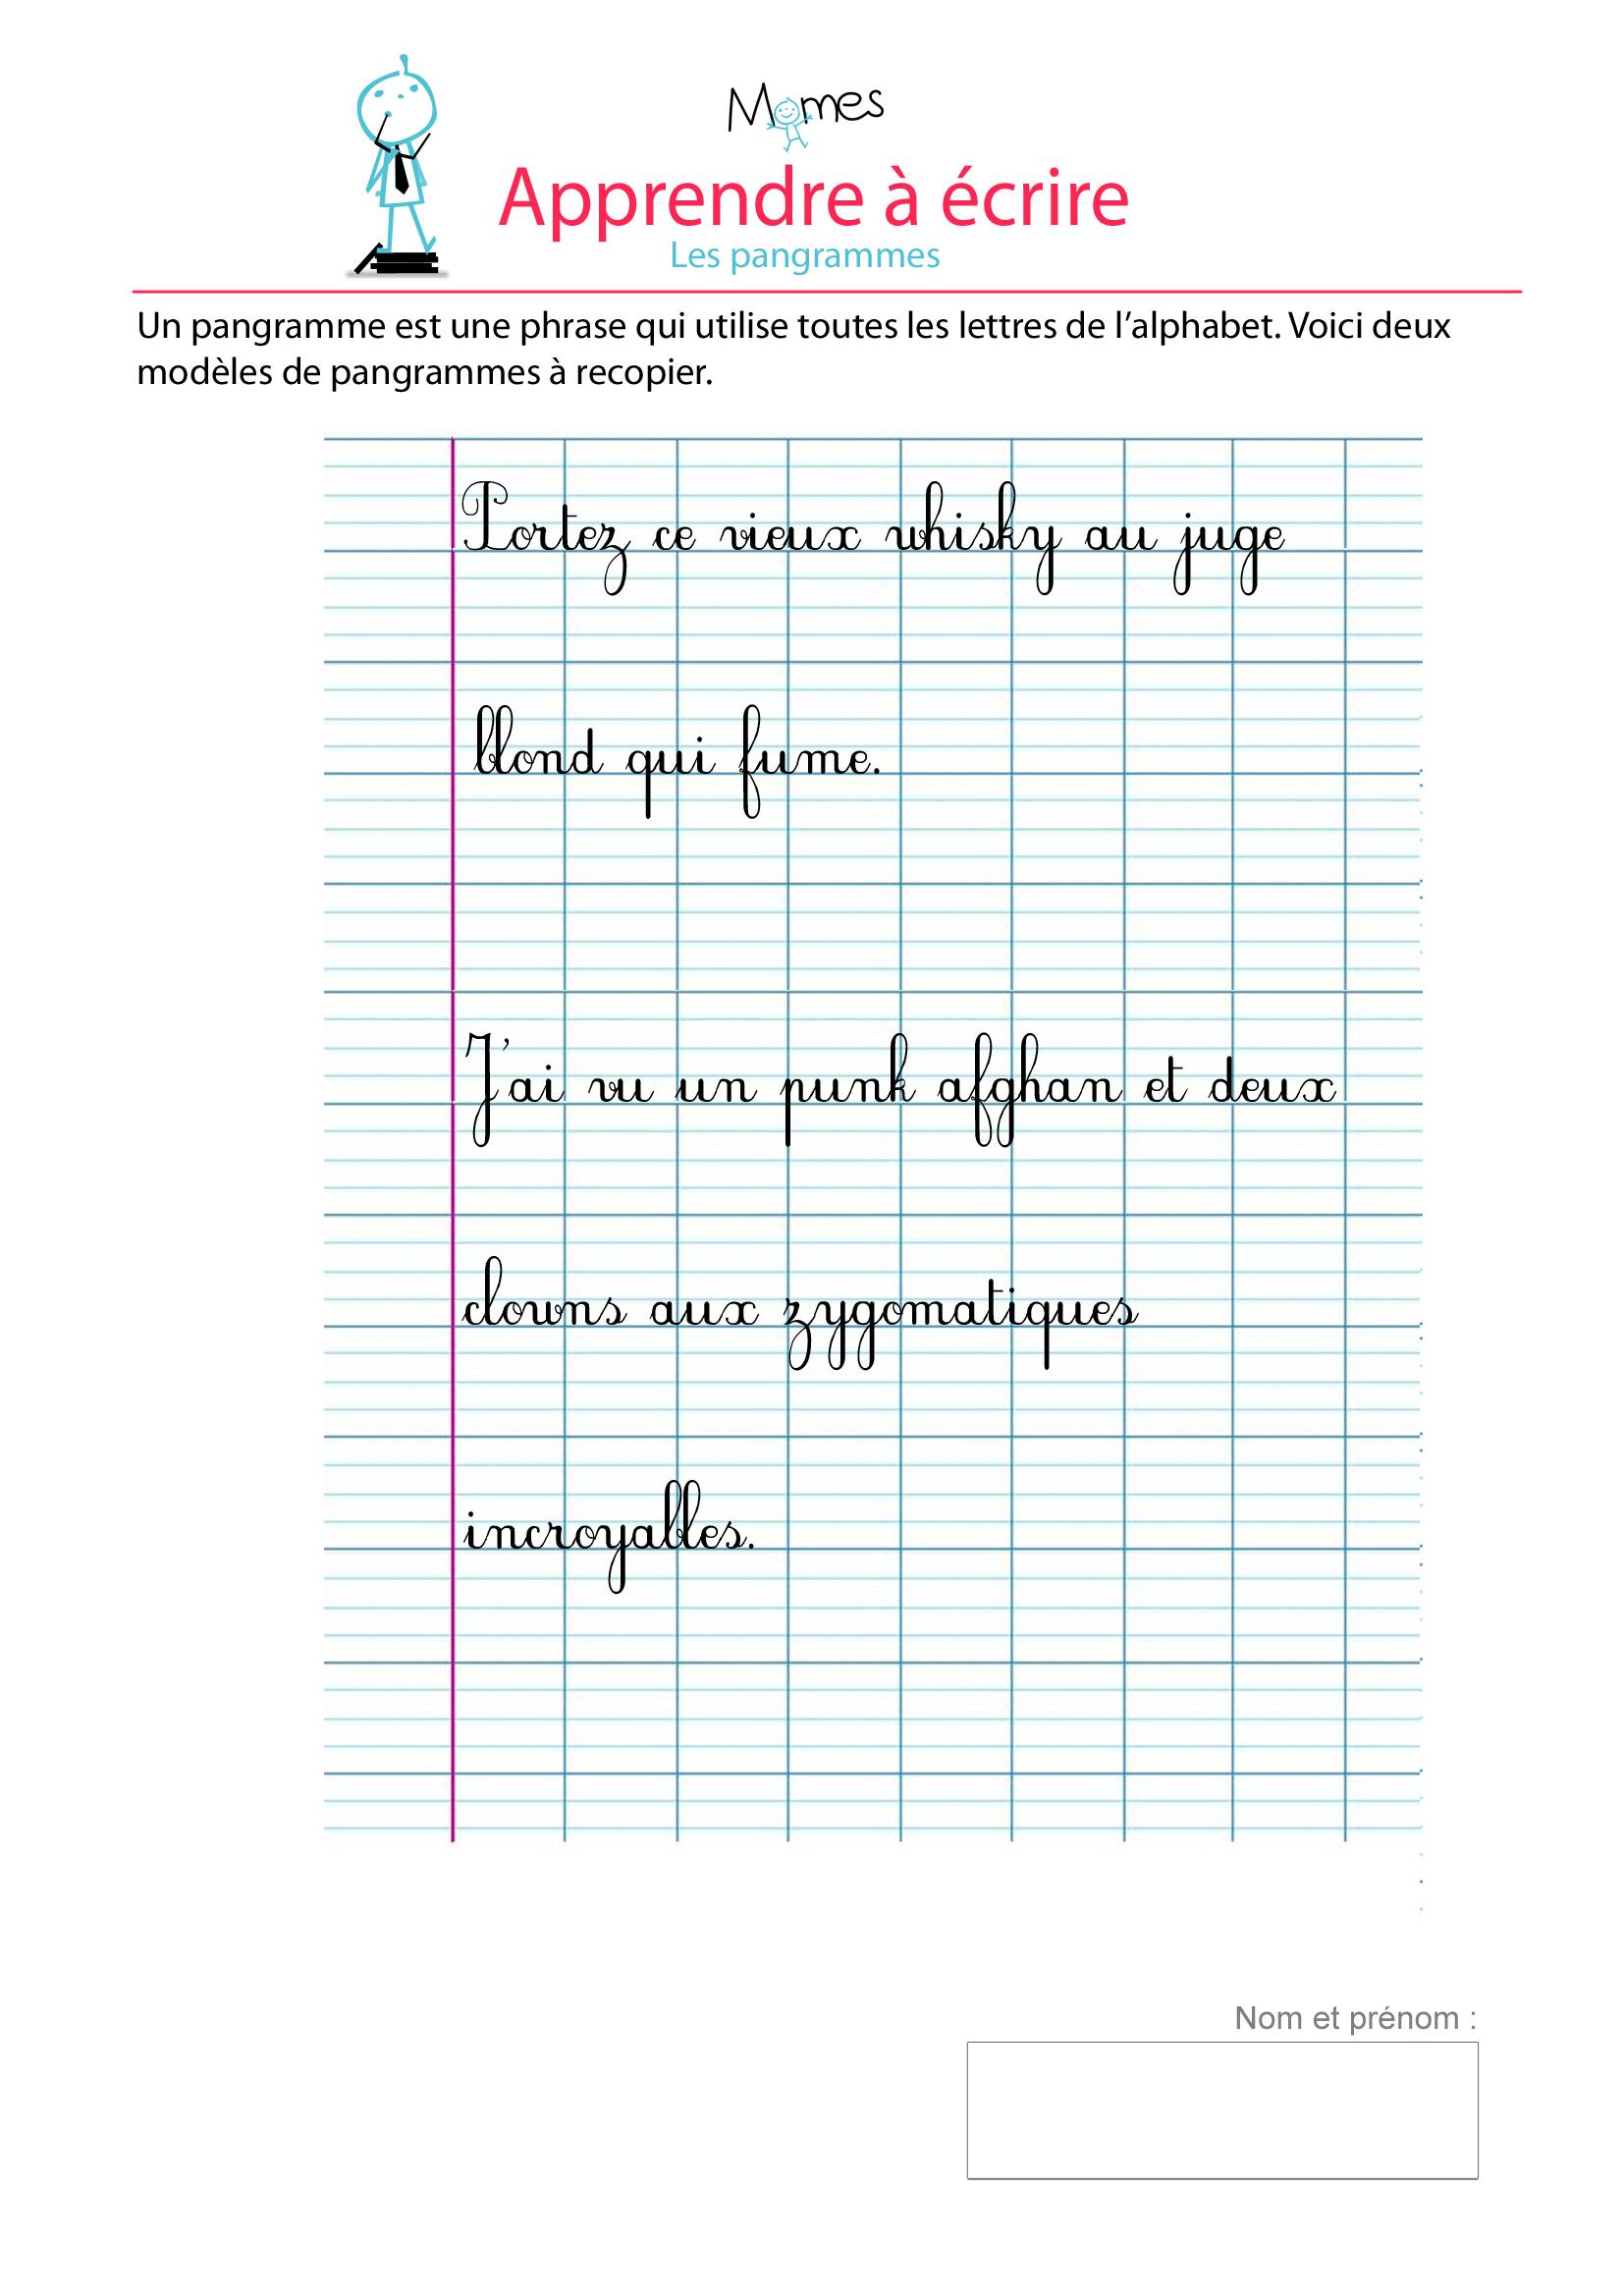 Pangrammes - Exercice De Modèle D'écriture - Momes destiné Exercice D Alphabet En Maternelle